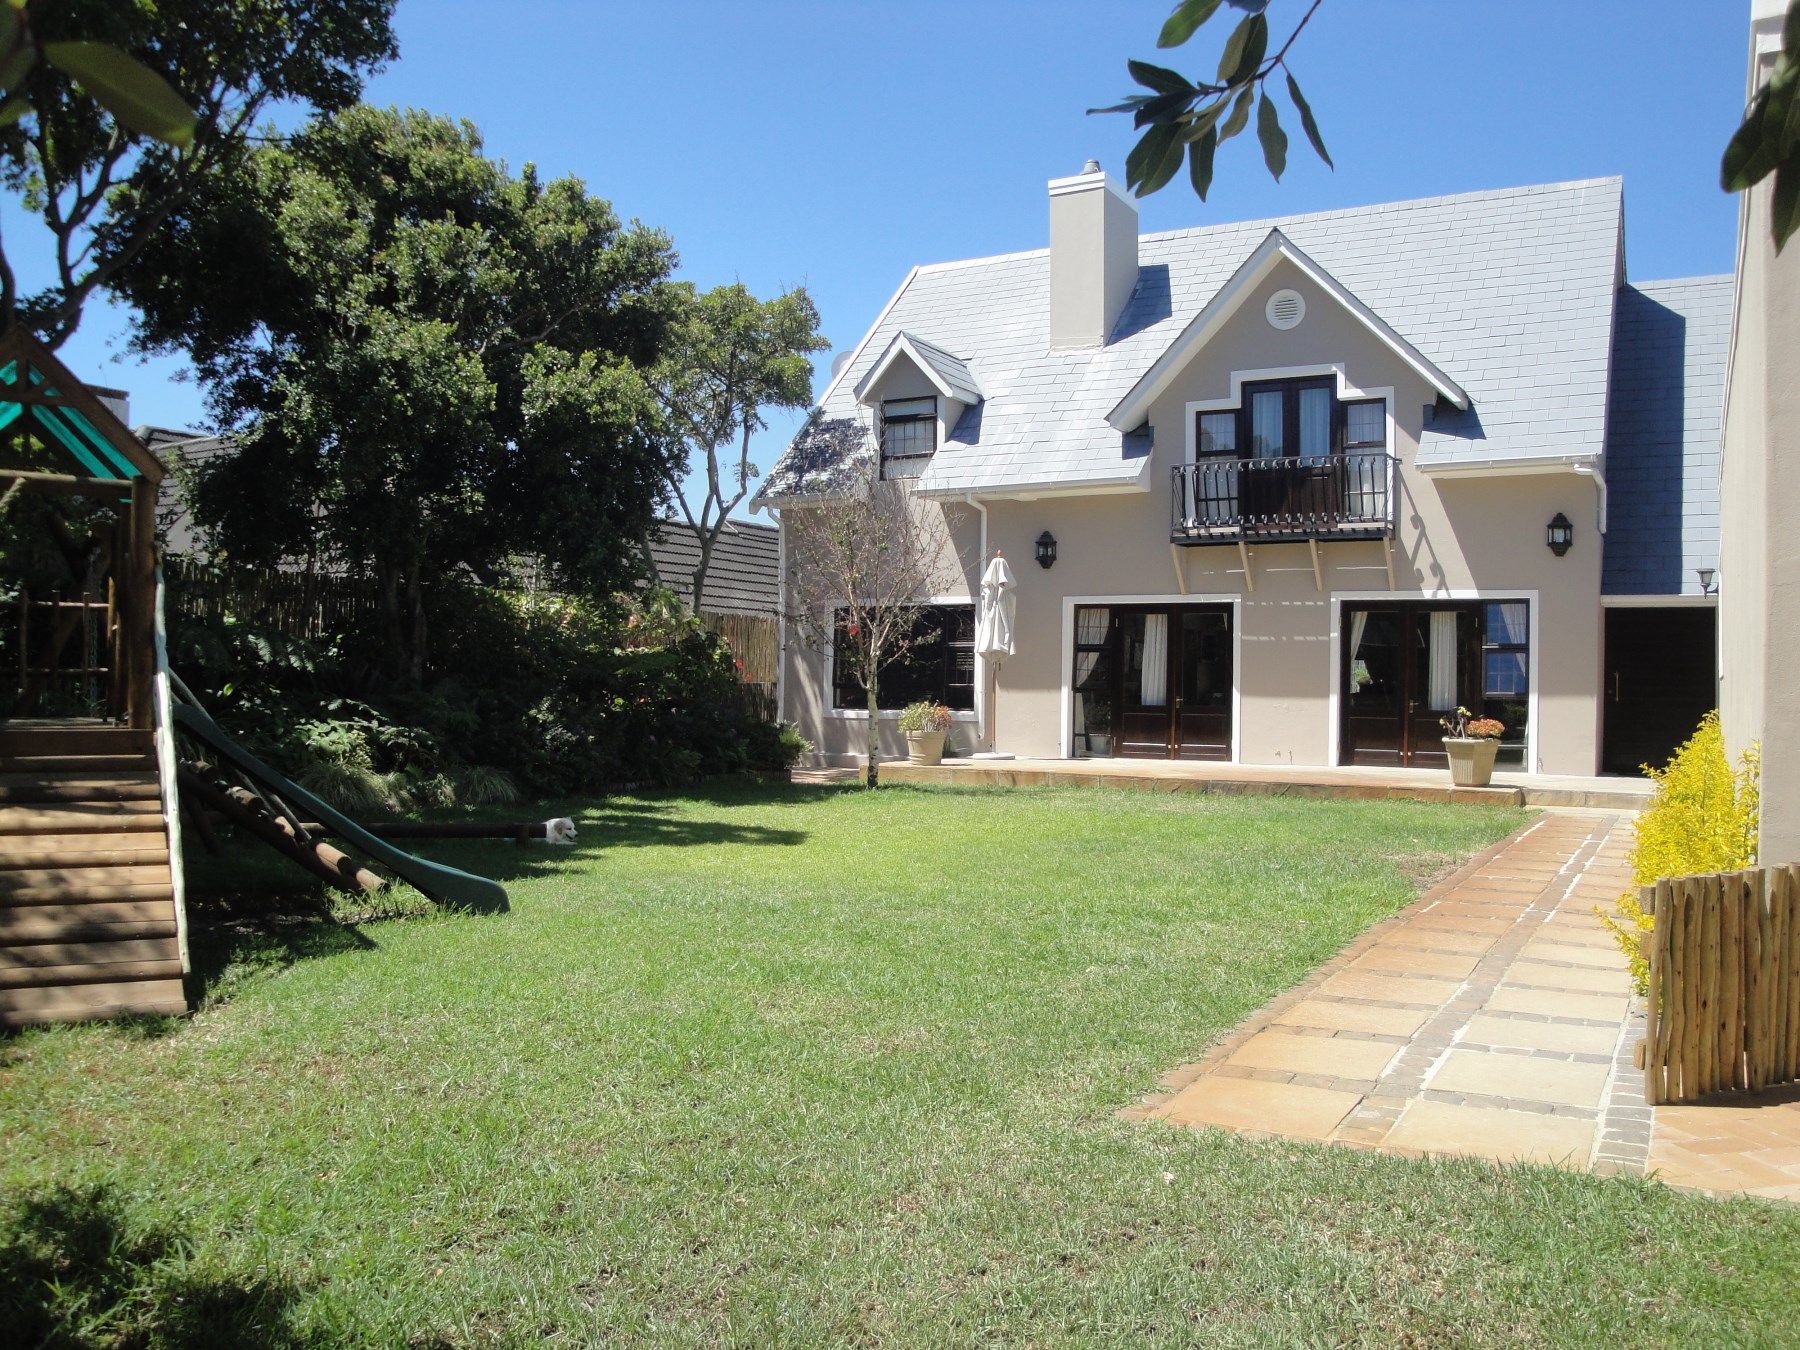 一戸建て のために 売買 アット A Double Storey Home in pristine condition Tokai, Cape Town, 西ケープ 南アフリカ